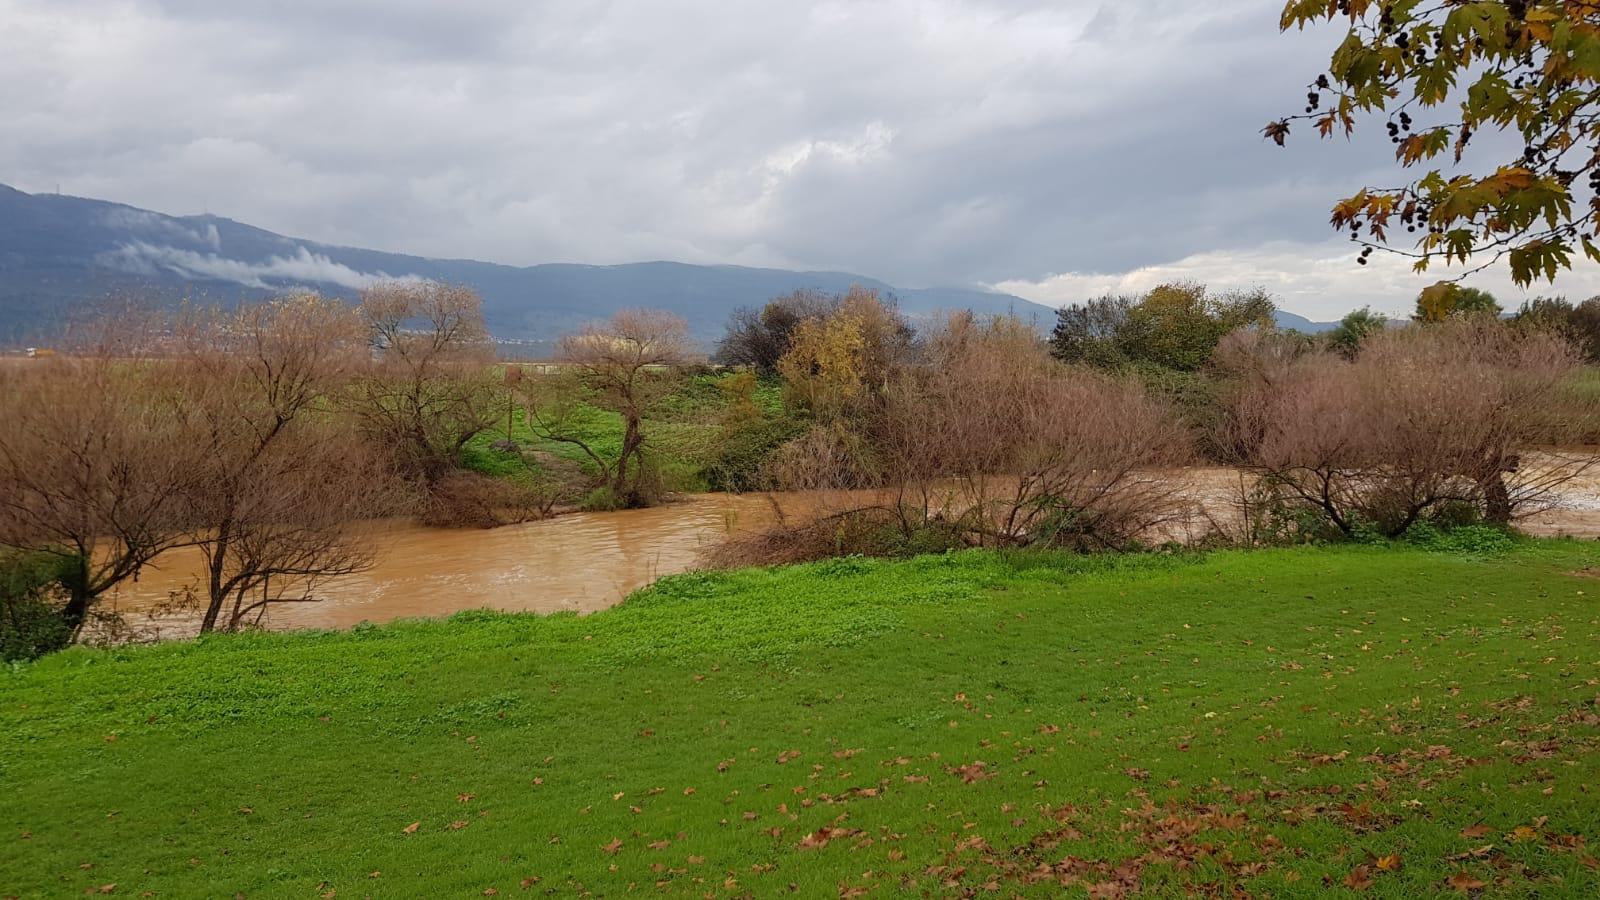 נהר הירדן כפר בלום